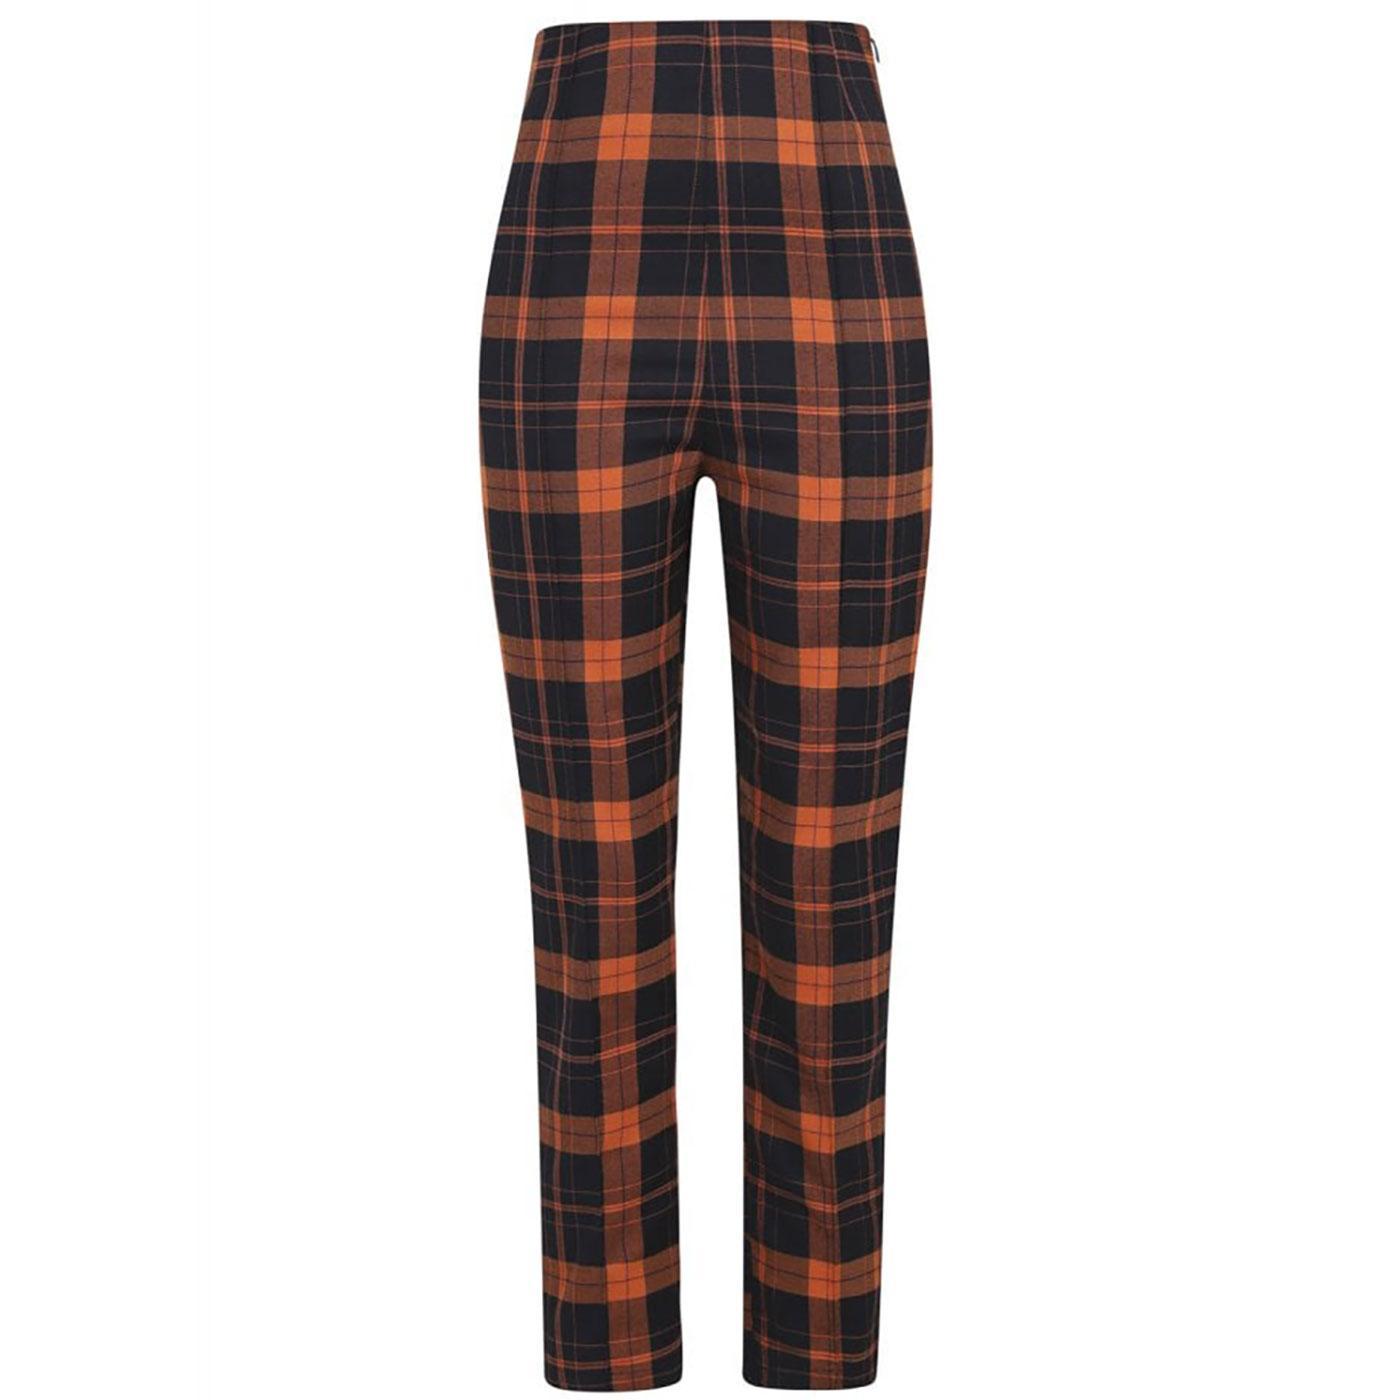 Bonnie COLLECTIF Pumpkin Check Cigarette Trousers